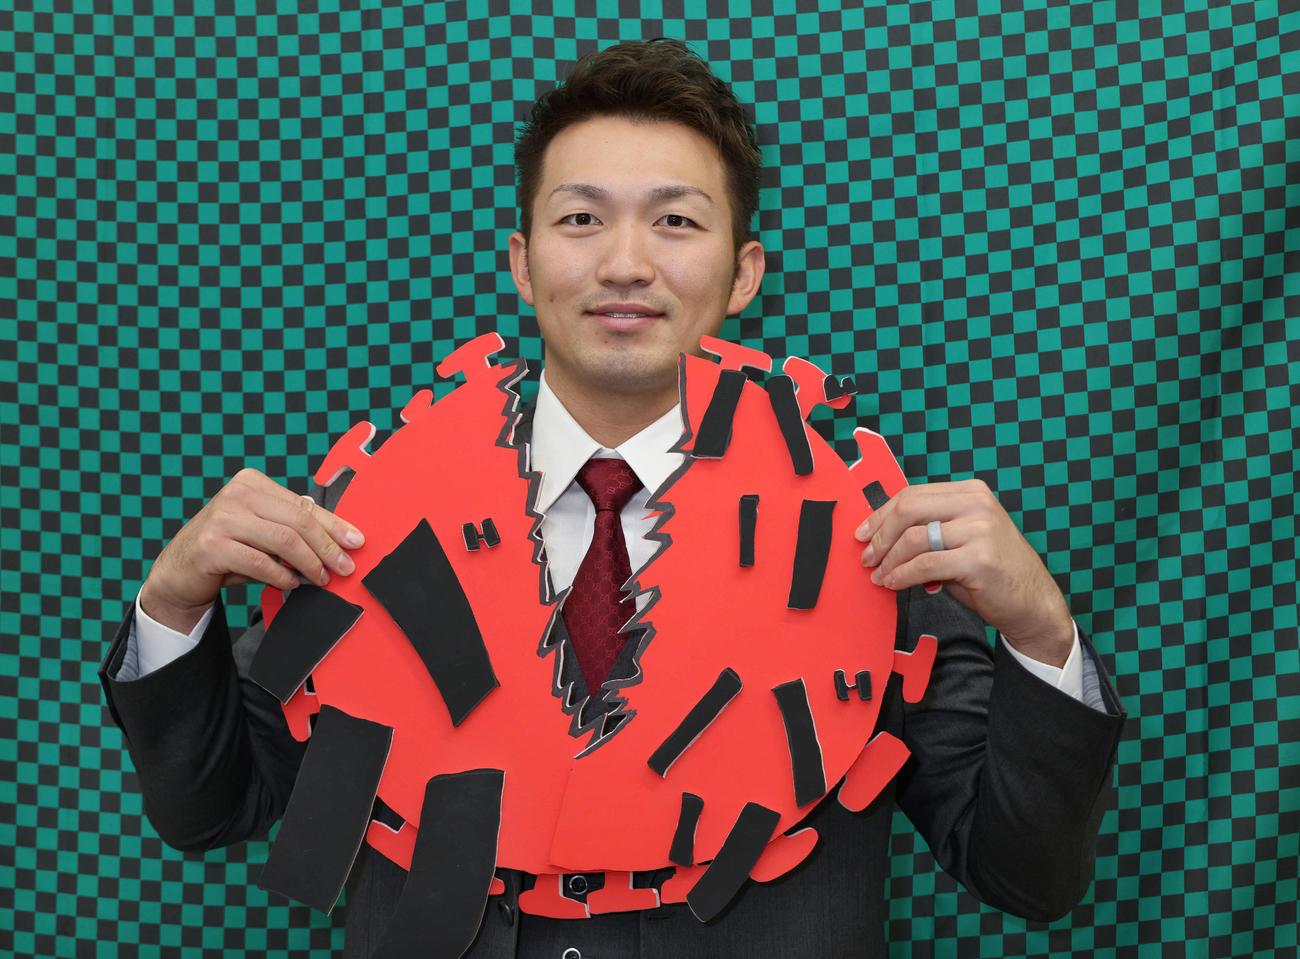 契約更改した鈴木誠。来季キャッチフレーズの「バリバリバリ!」のように新型コロナもバットで打ち破る!?(撮影・加藤孝規)